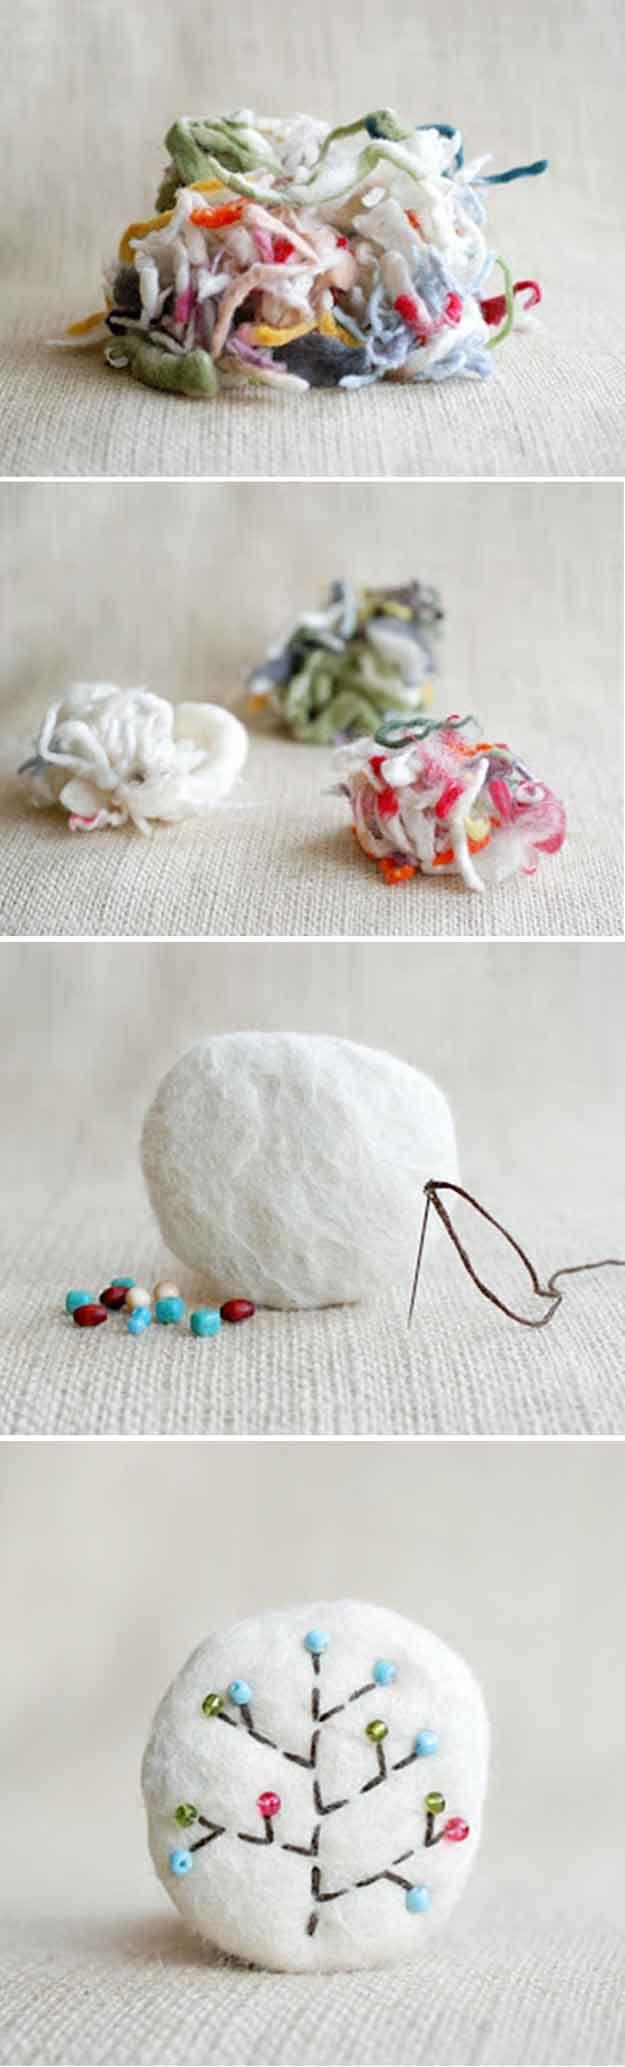 Divertido y fácil de DIY Craft Ideas con Árbol de la Vida | http://artesaniasdebricolaje.ru/12-diy-tree-of-life-ideas/